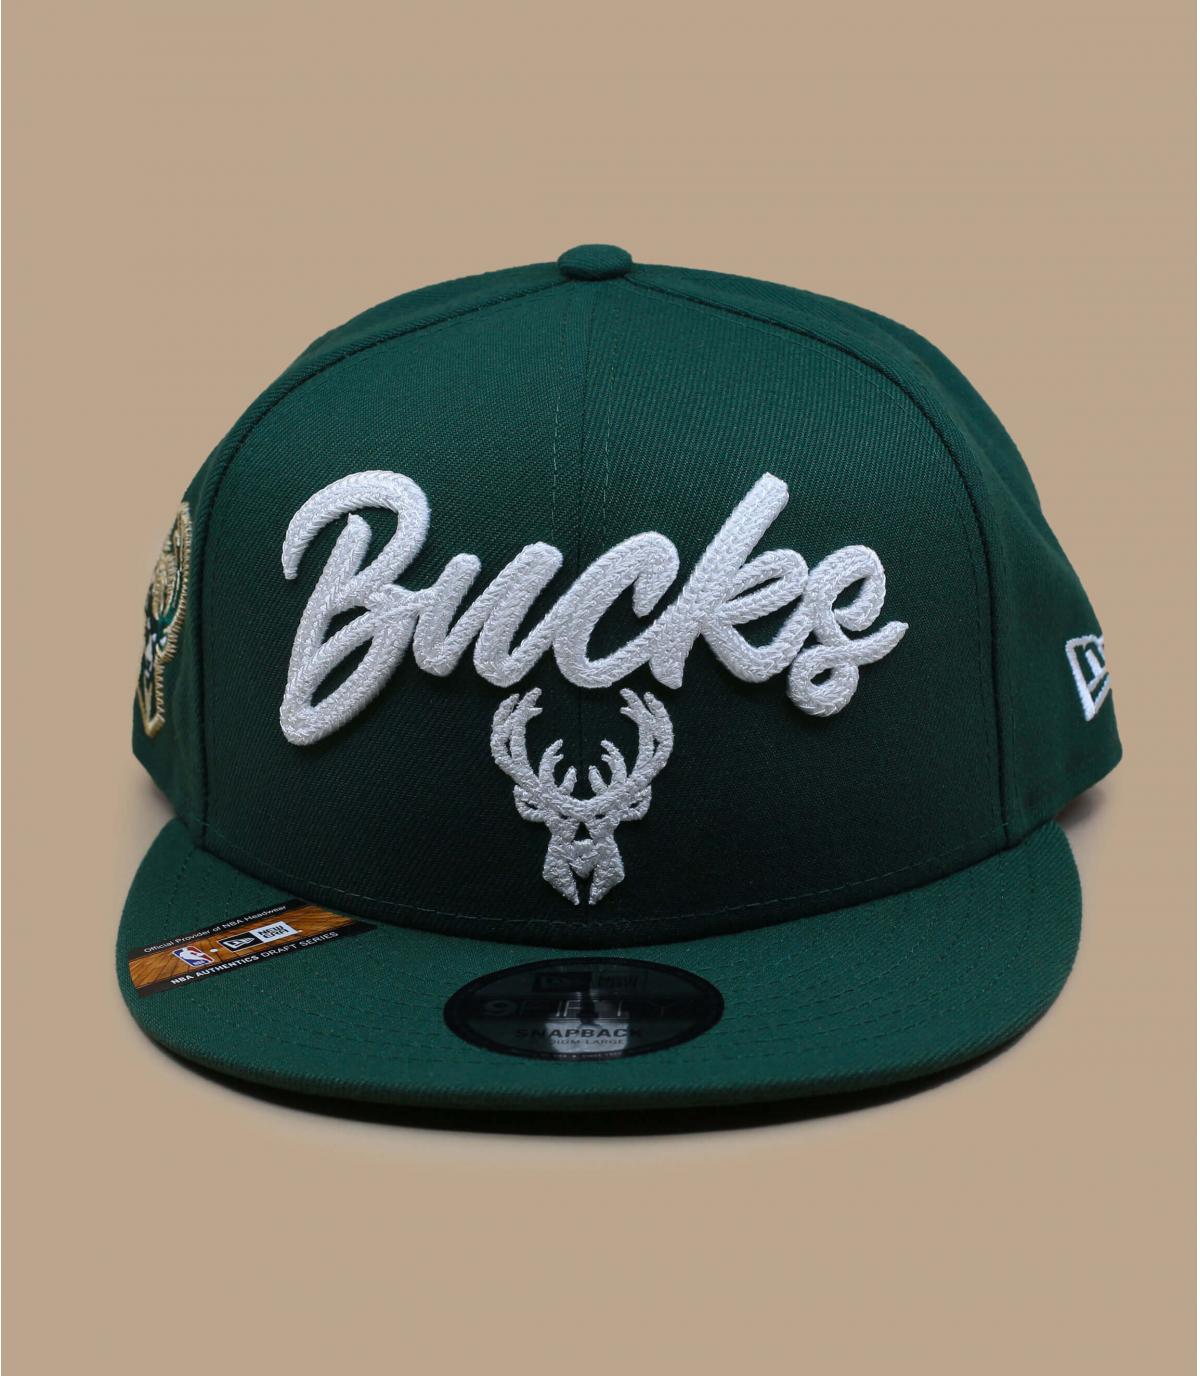 gorra Bucks verde